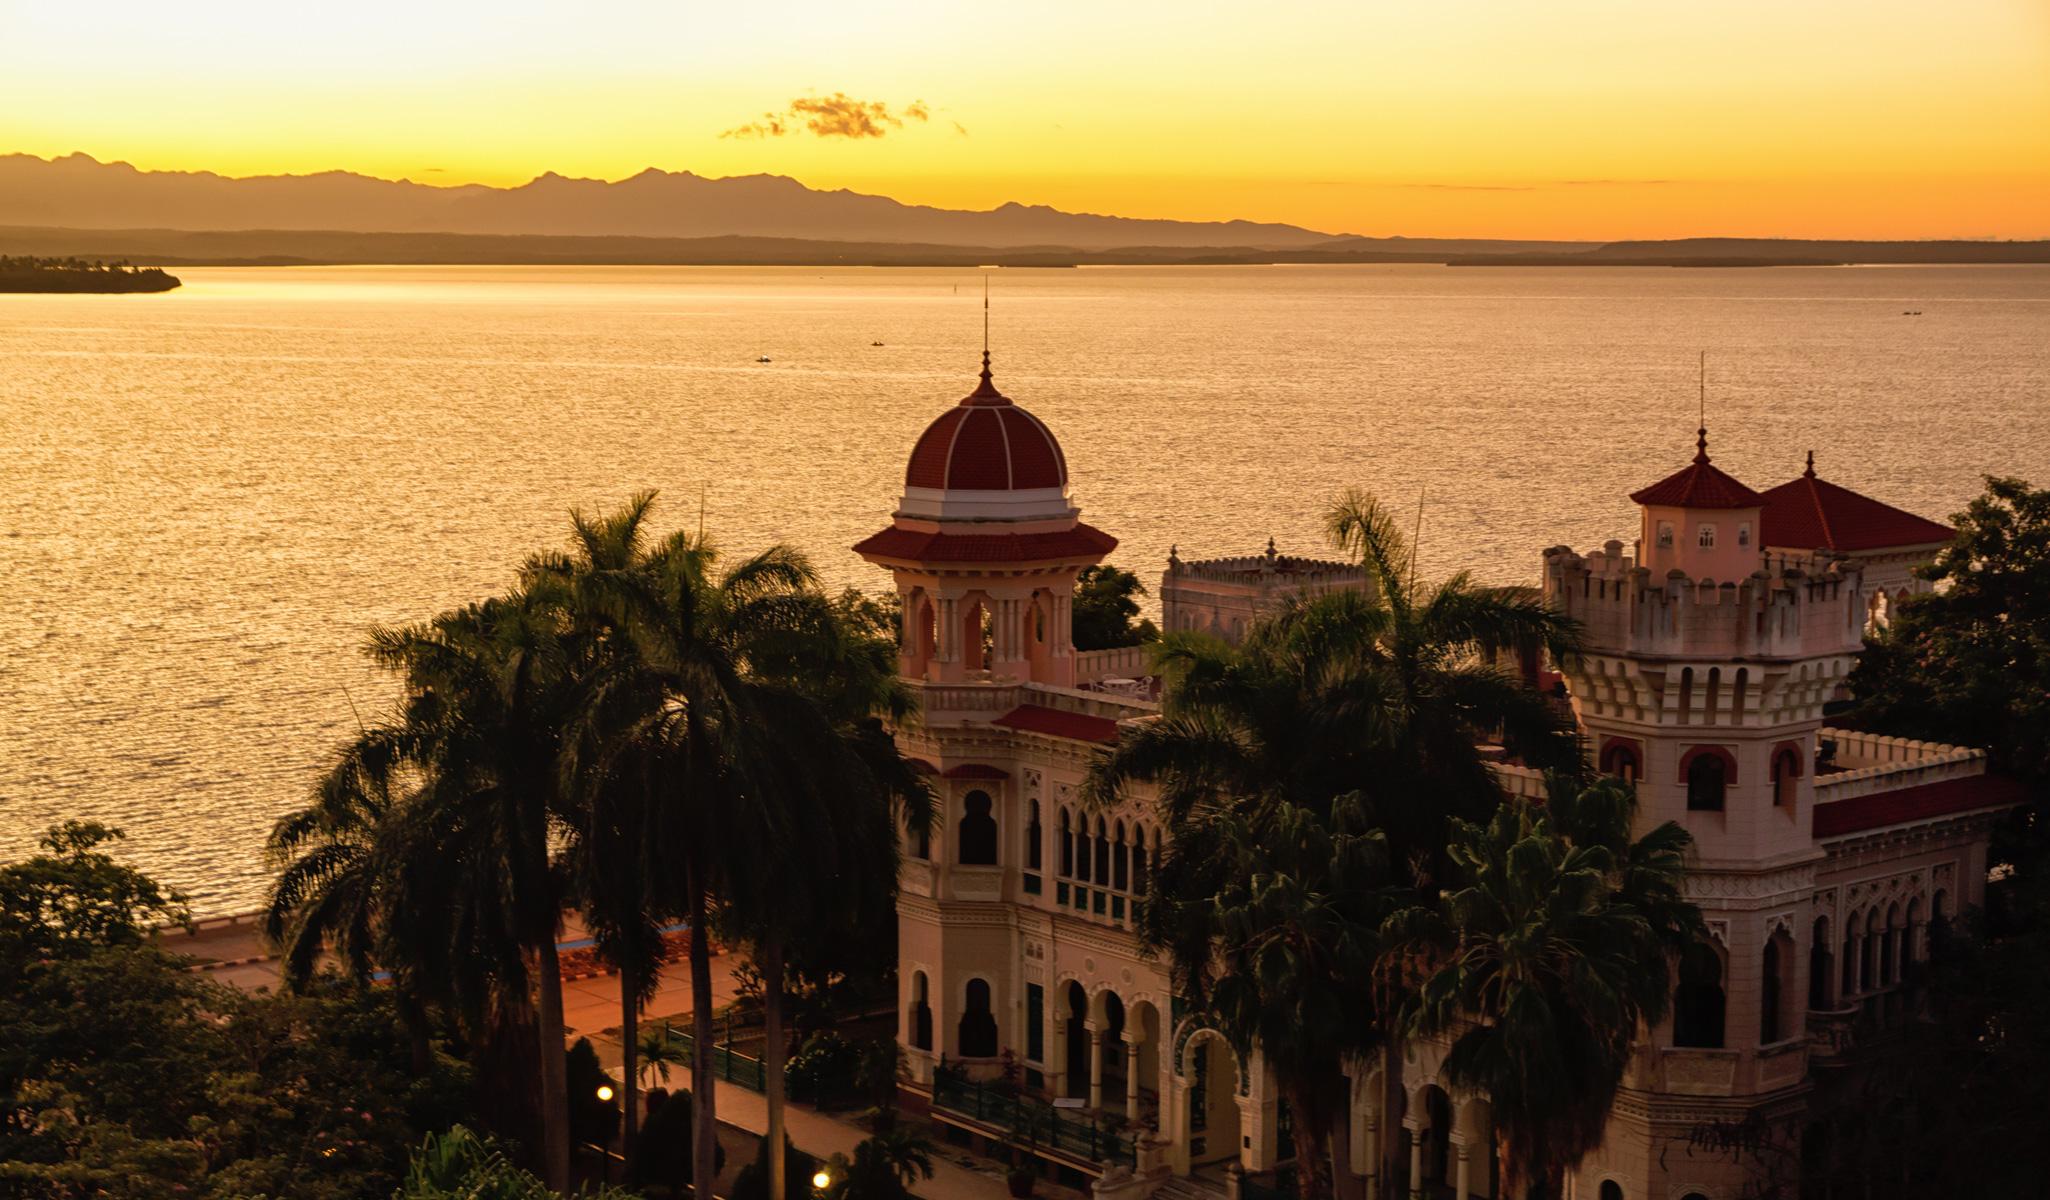 Carte Cuba Costa Rica.Travel To Cuba The South Transat